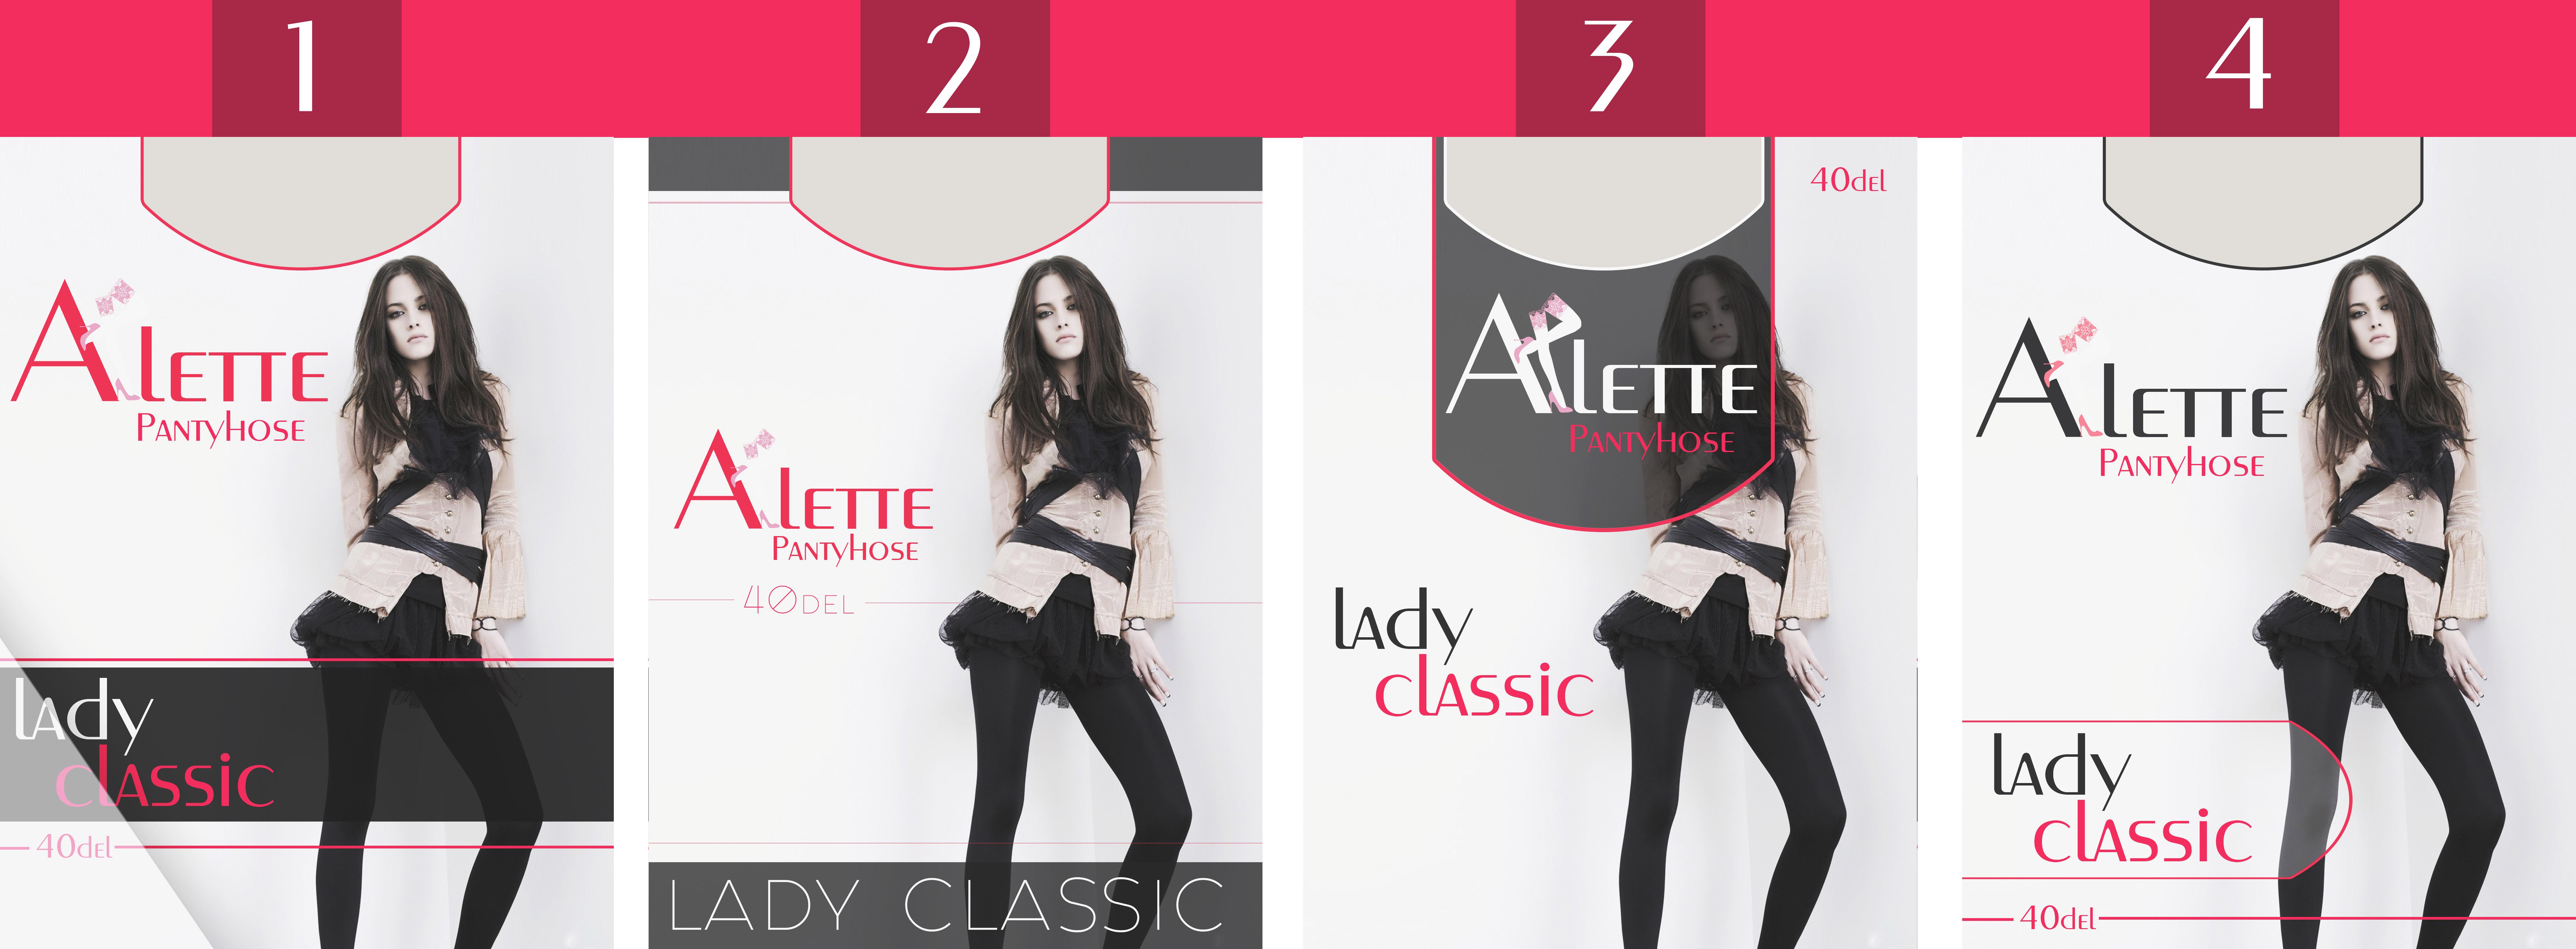 Дизайн упаковки женских колготок фото f_82259930a8ed2efb.jpg